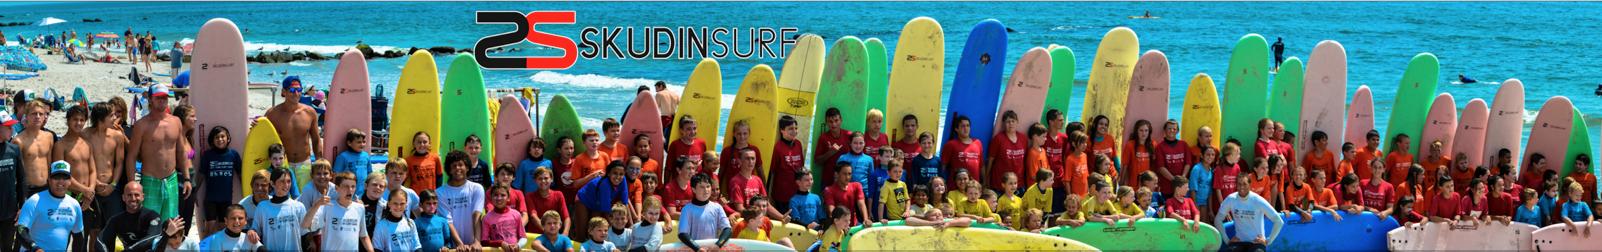 Skudin surf camps